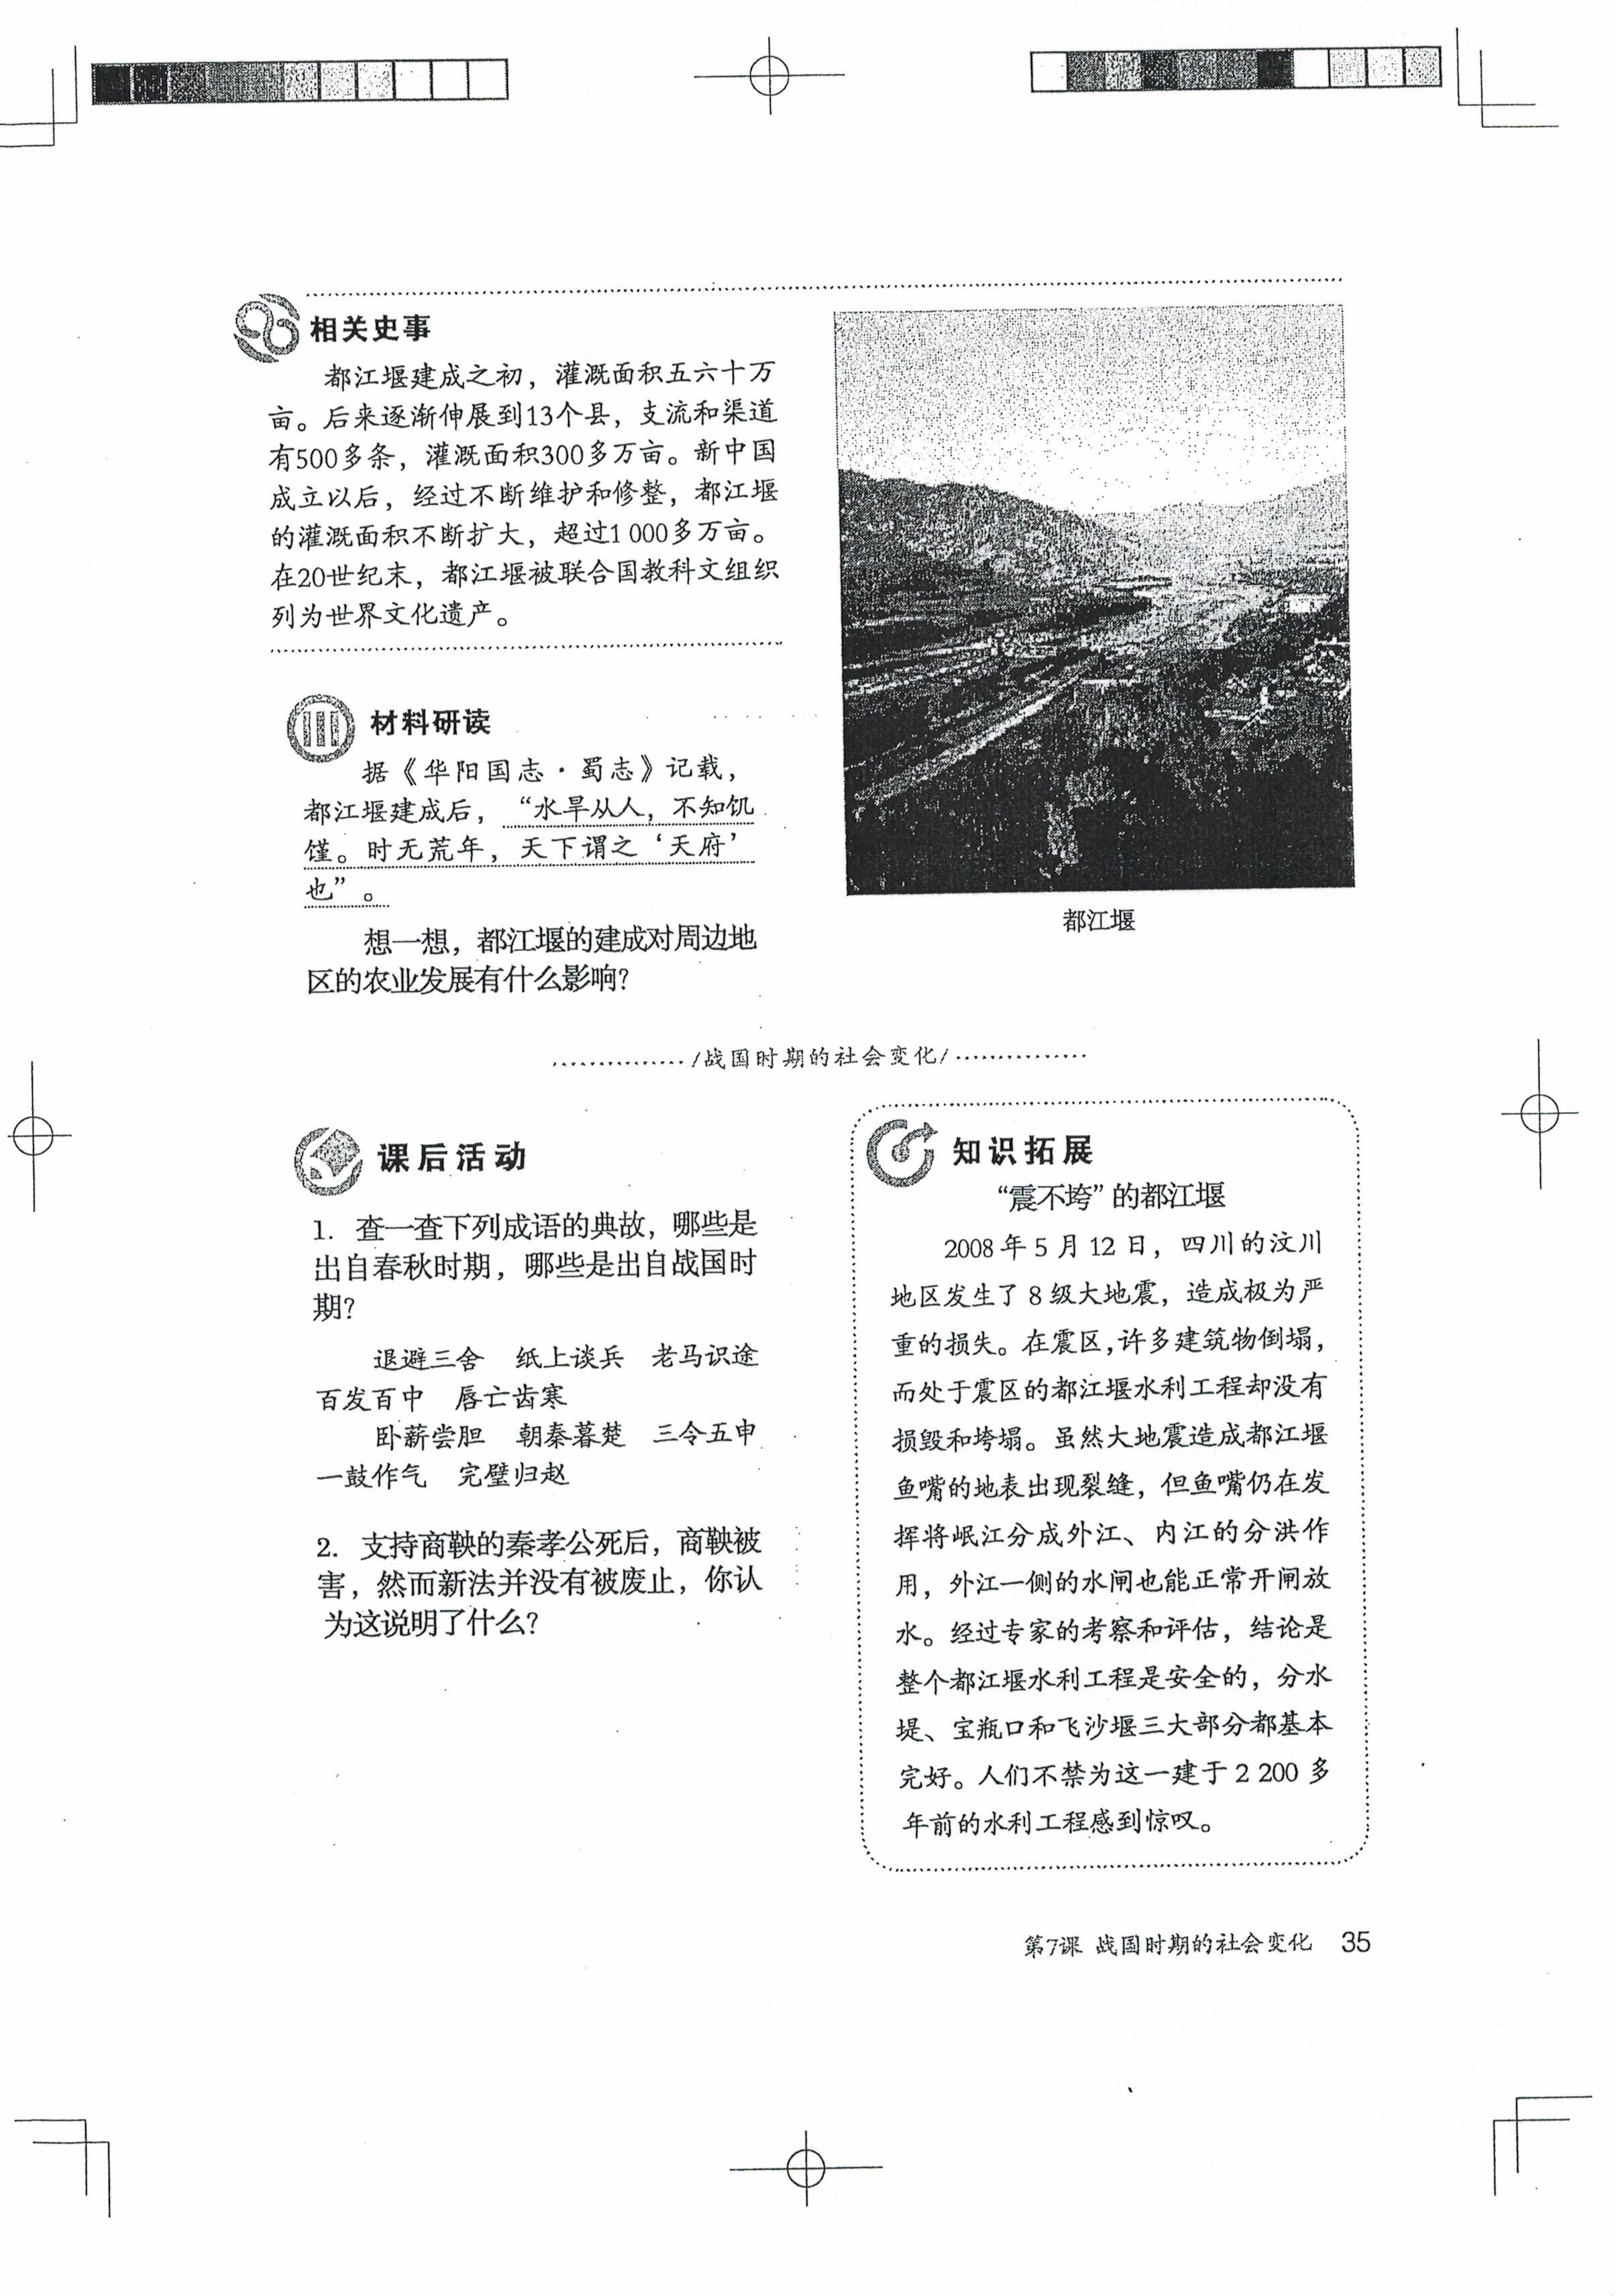 人教版七年级历史上册 2016版图片